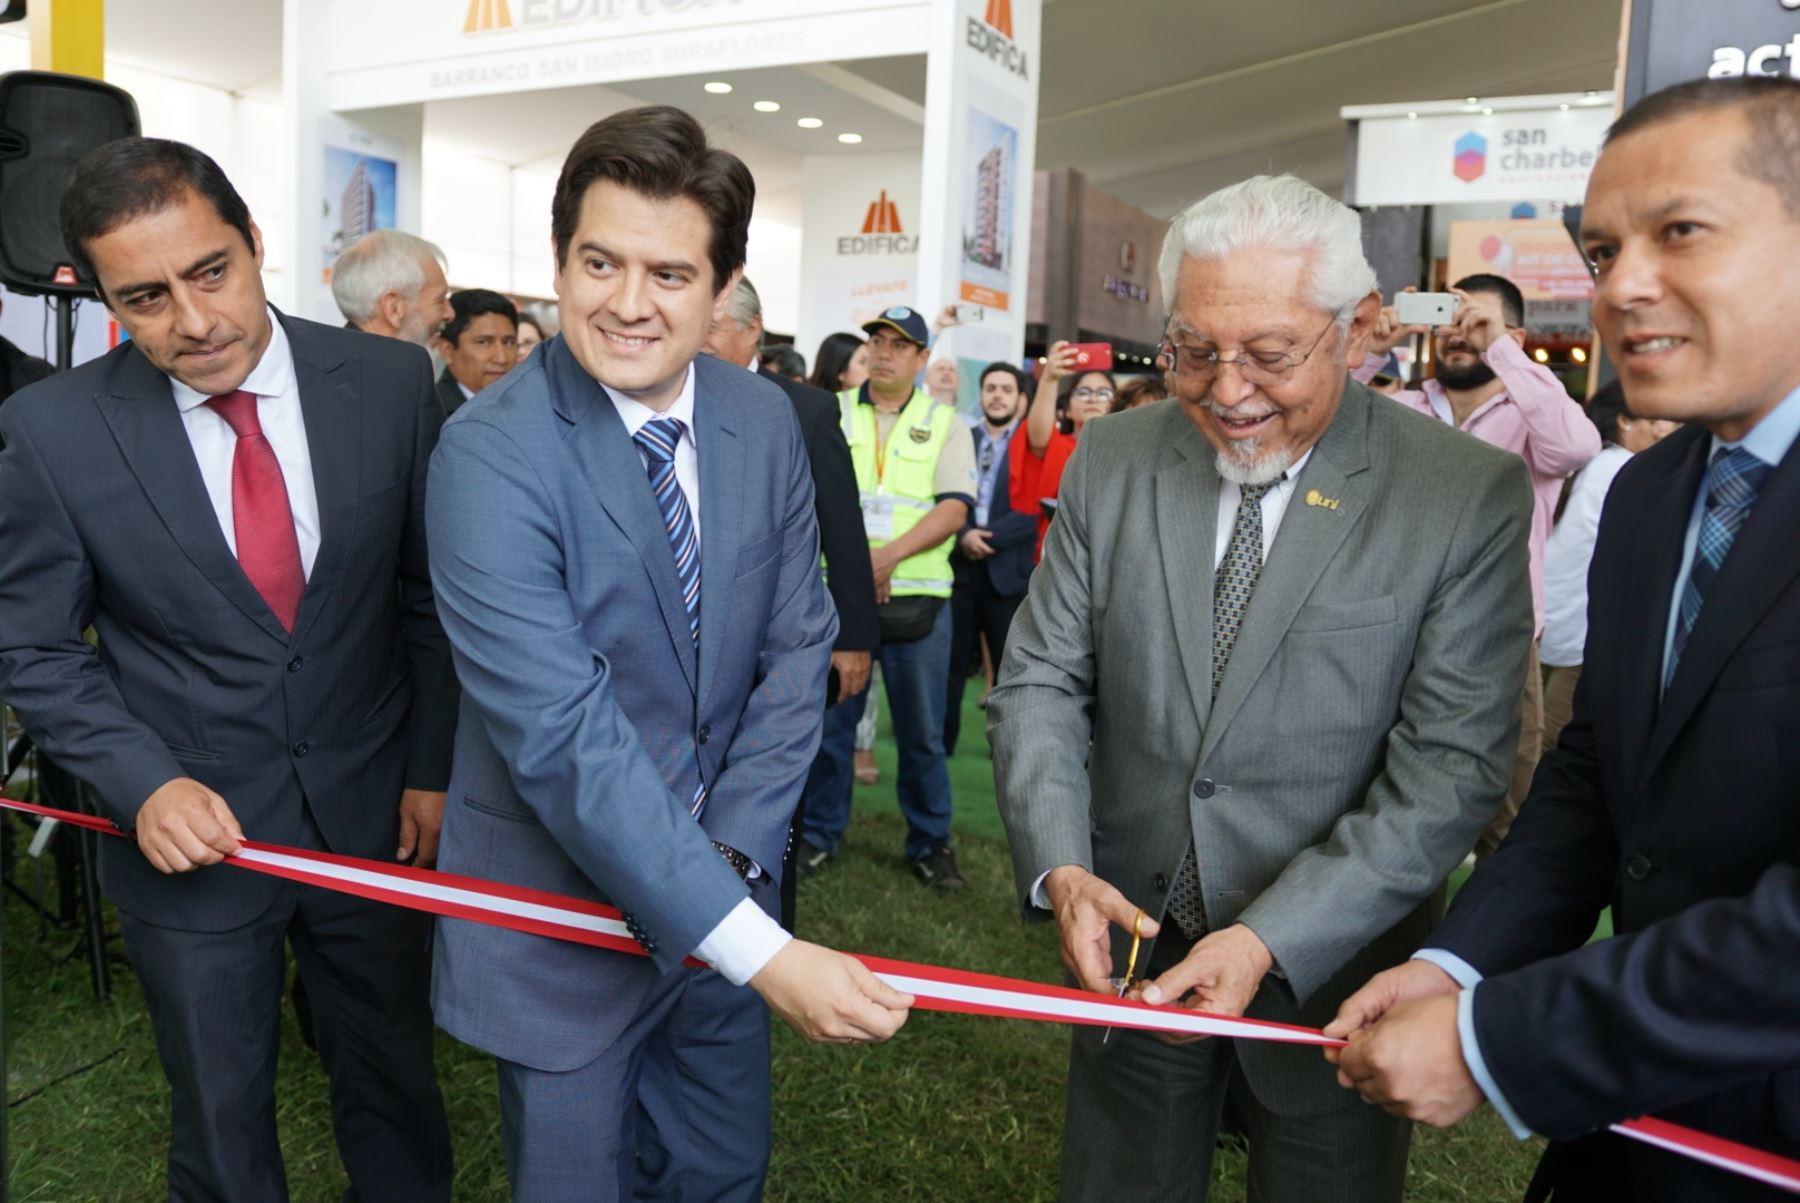 Ministro de Vivienda, Construcción y Saneamiento, Javier Piqué, inaugura feria ExpoUrbania.